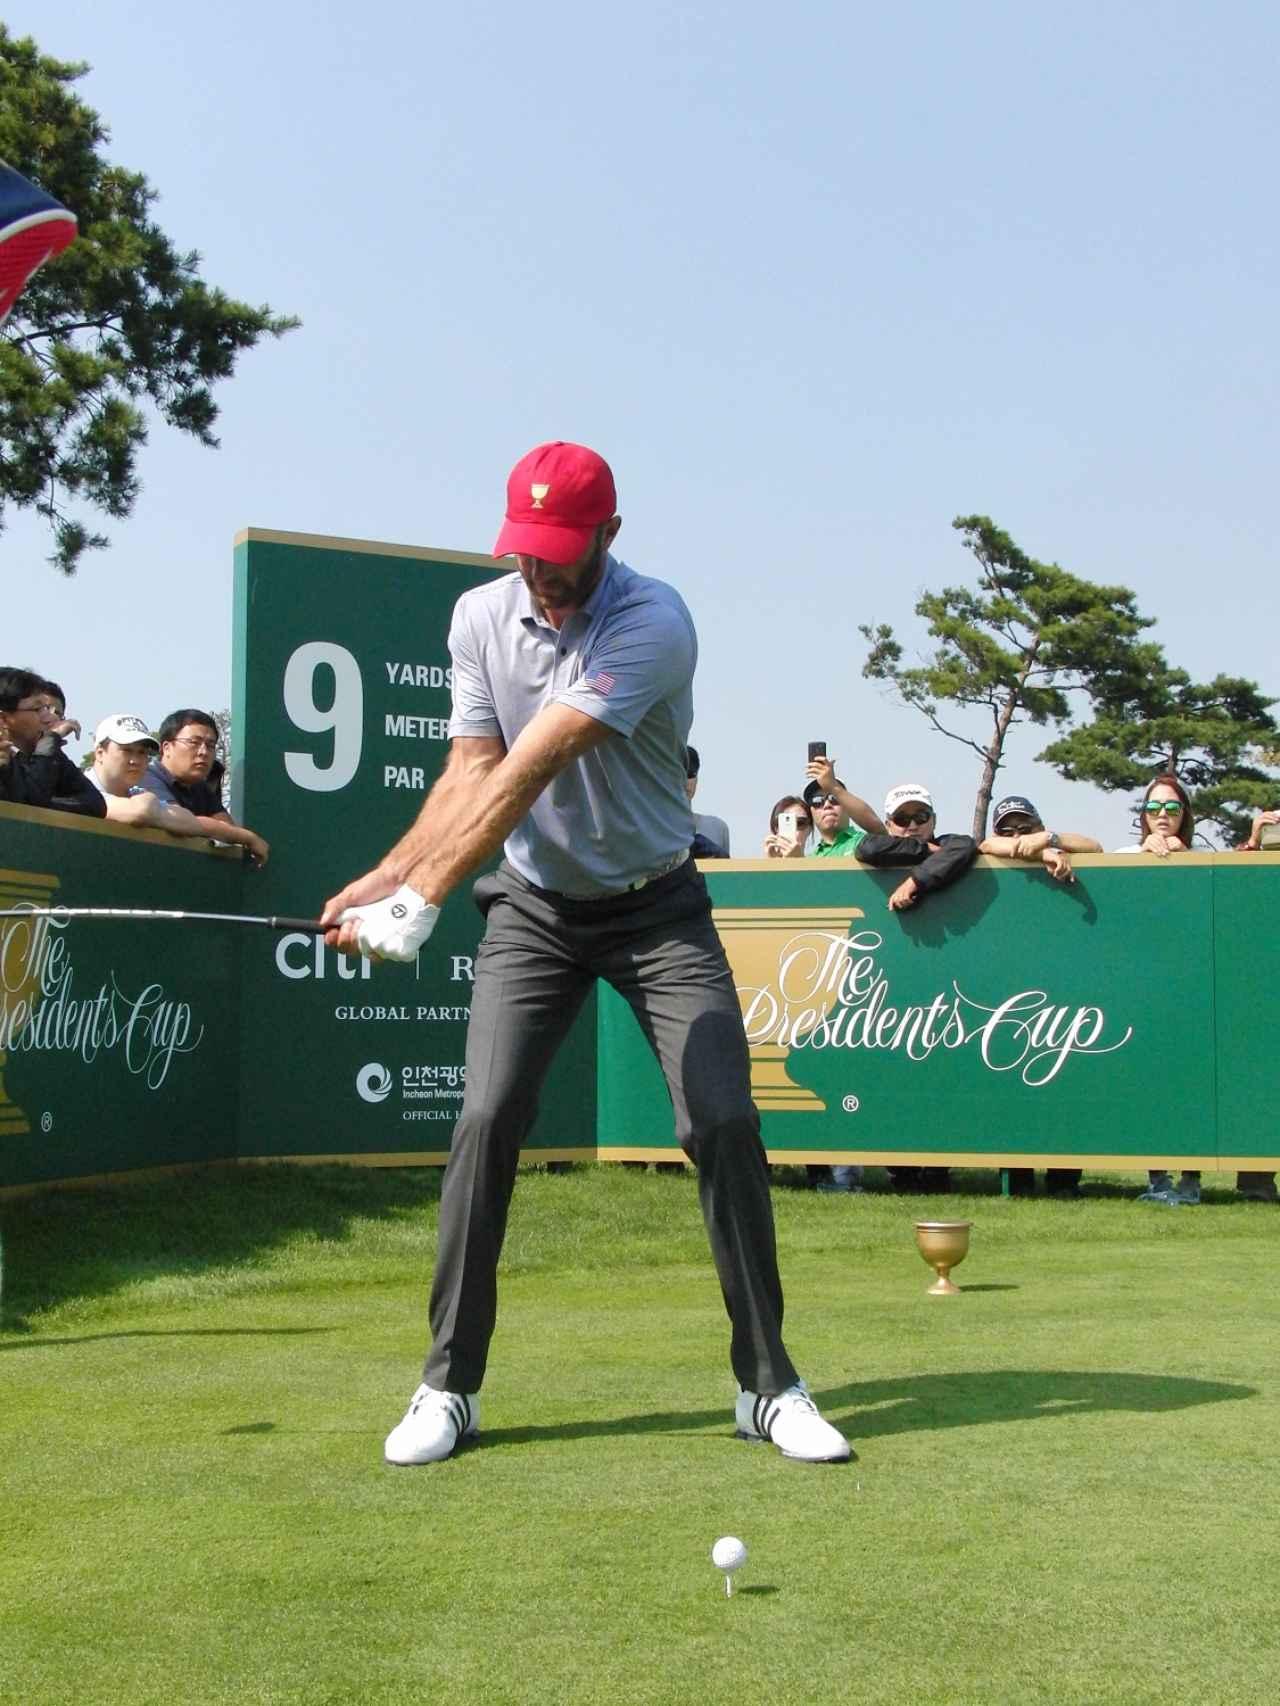 画像2: ダスティン・ジョンソンのココが凄い!PGAツアー スウィング超解説④